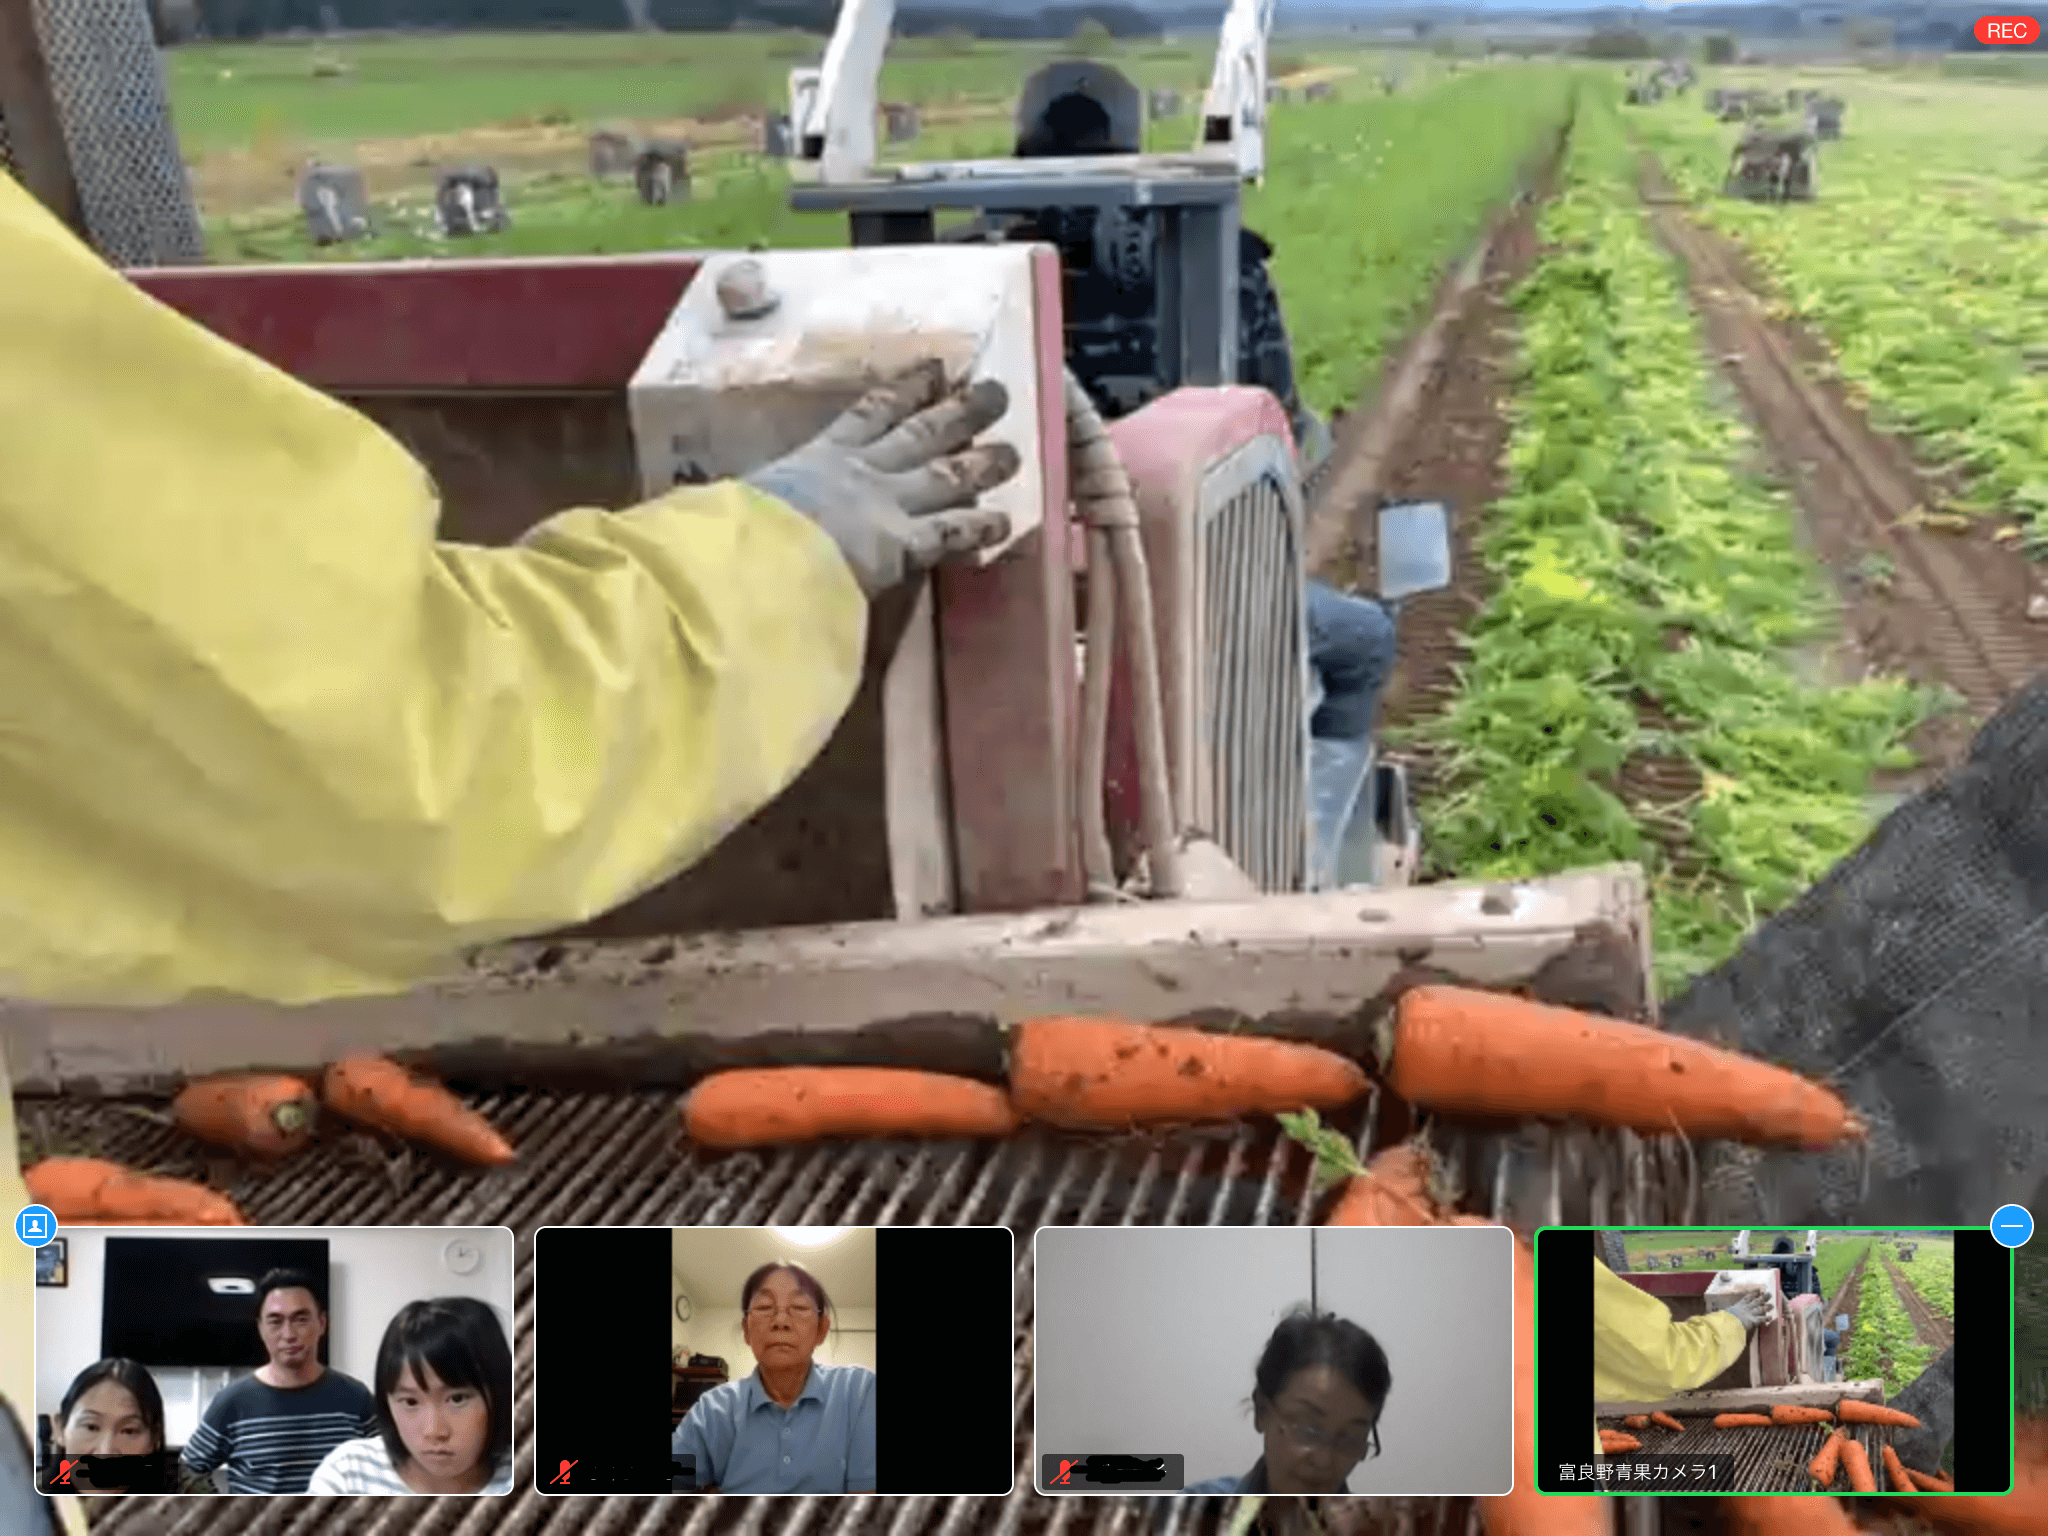 ニンジンの収穫機を運転中の生産者さんにインタビュー!